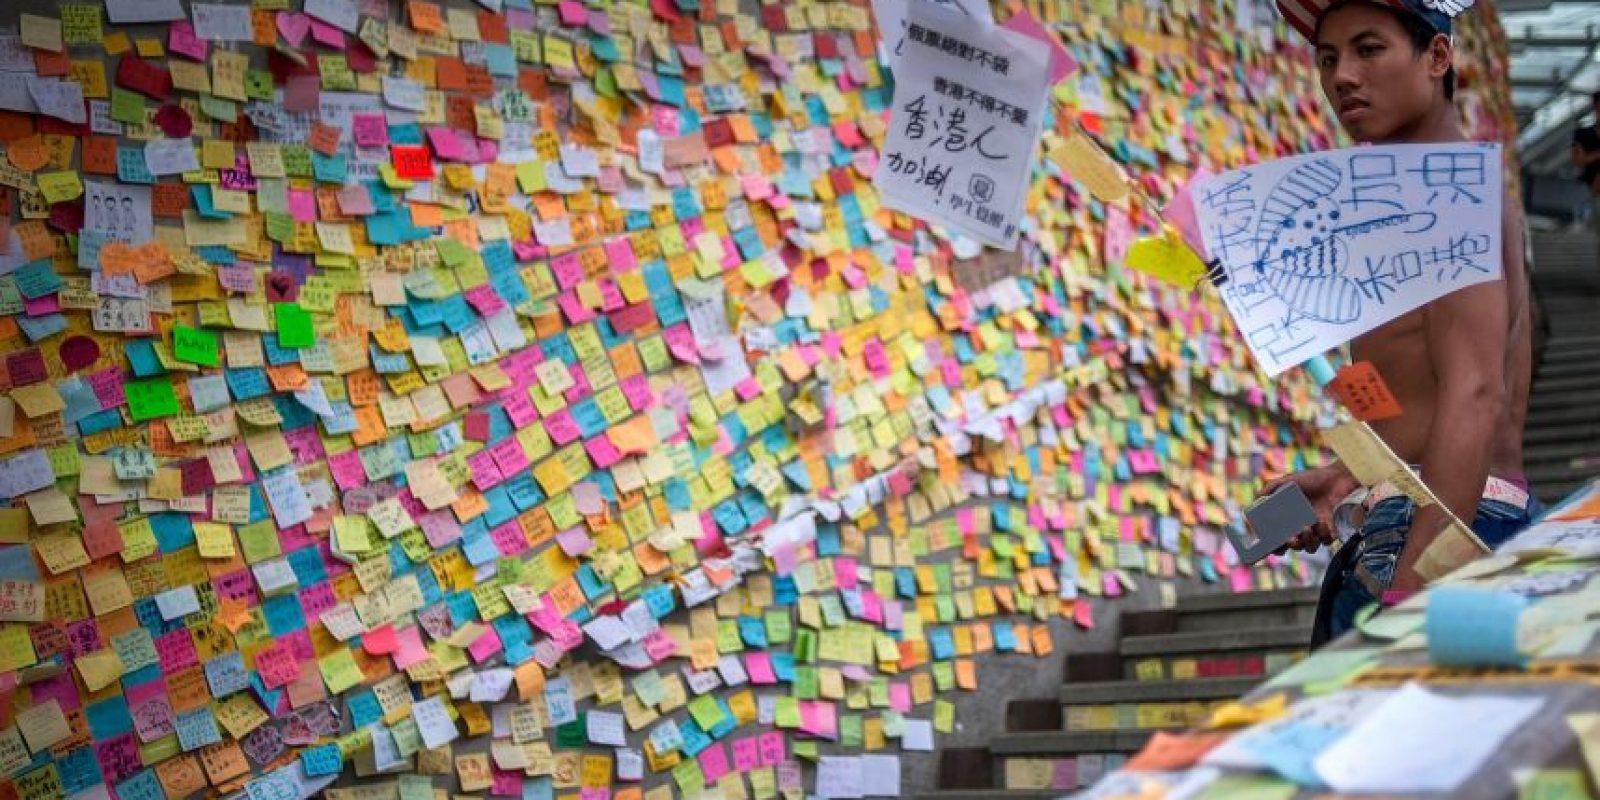 Mensajes de apoyo a los manifestantes Foto:Getty Images